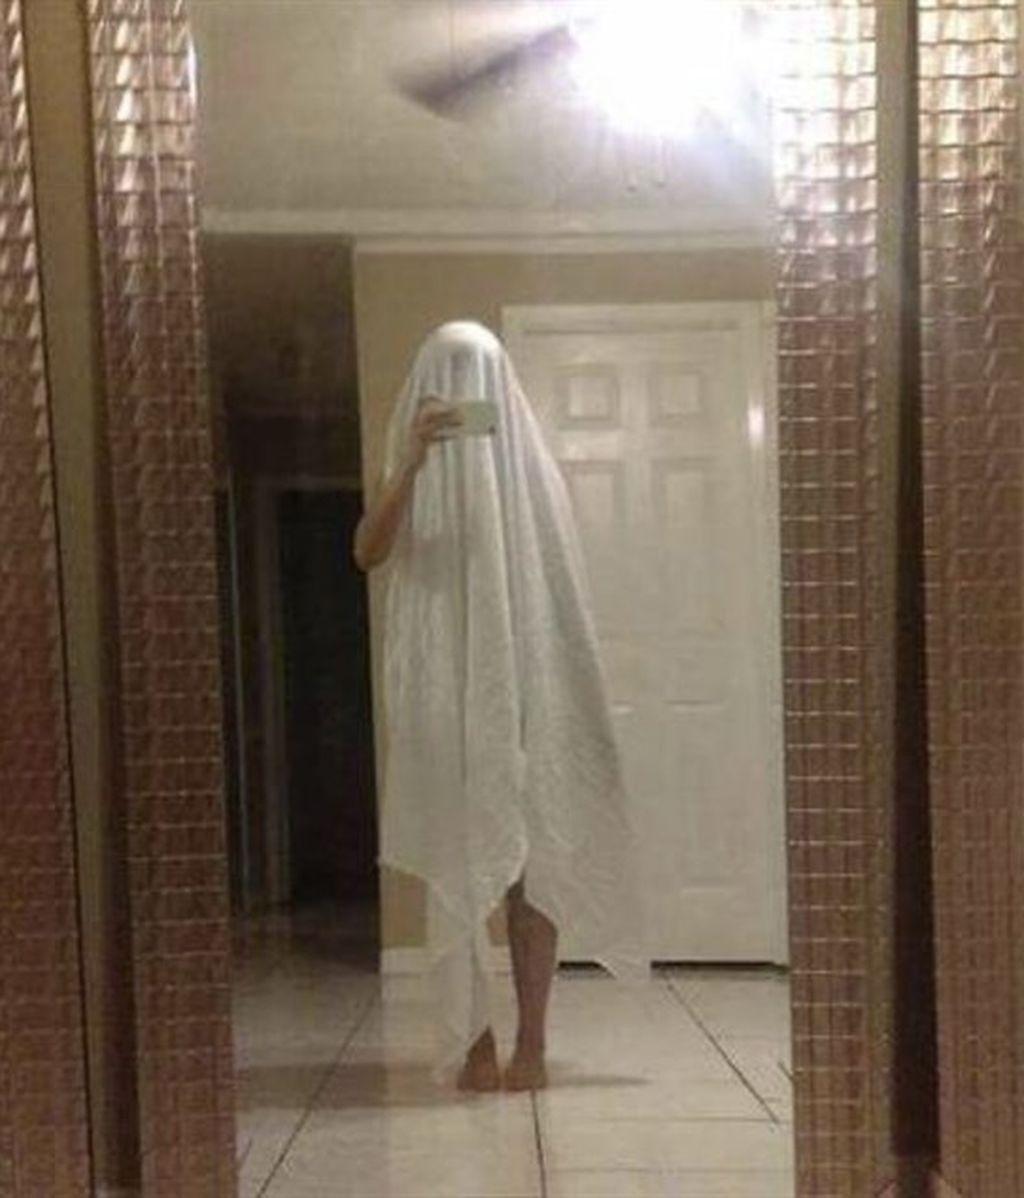 La difícil tarea de vender un espejo... ¡y seguir guardando el anonimato!